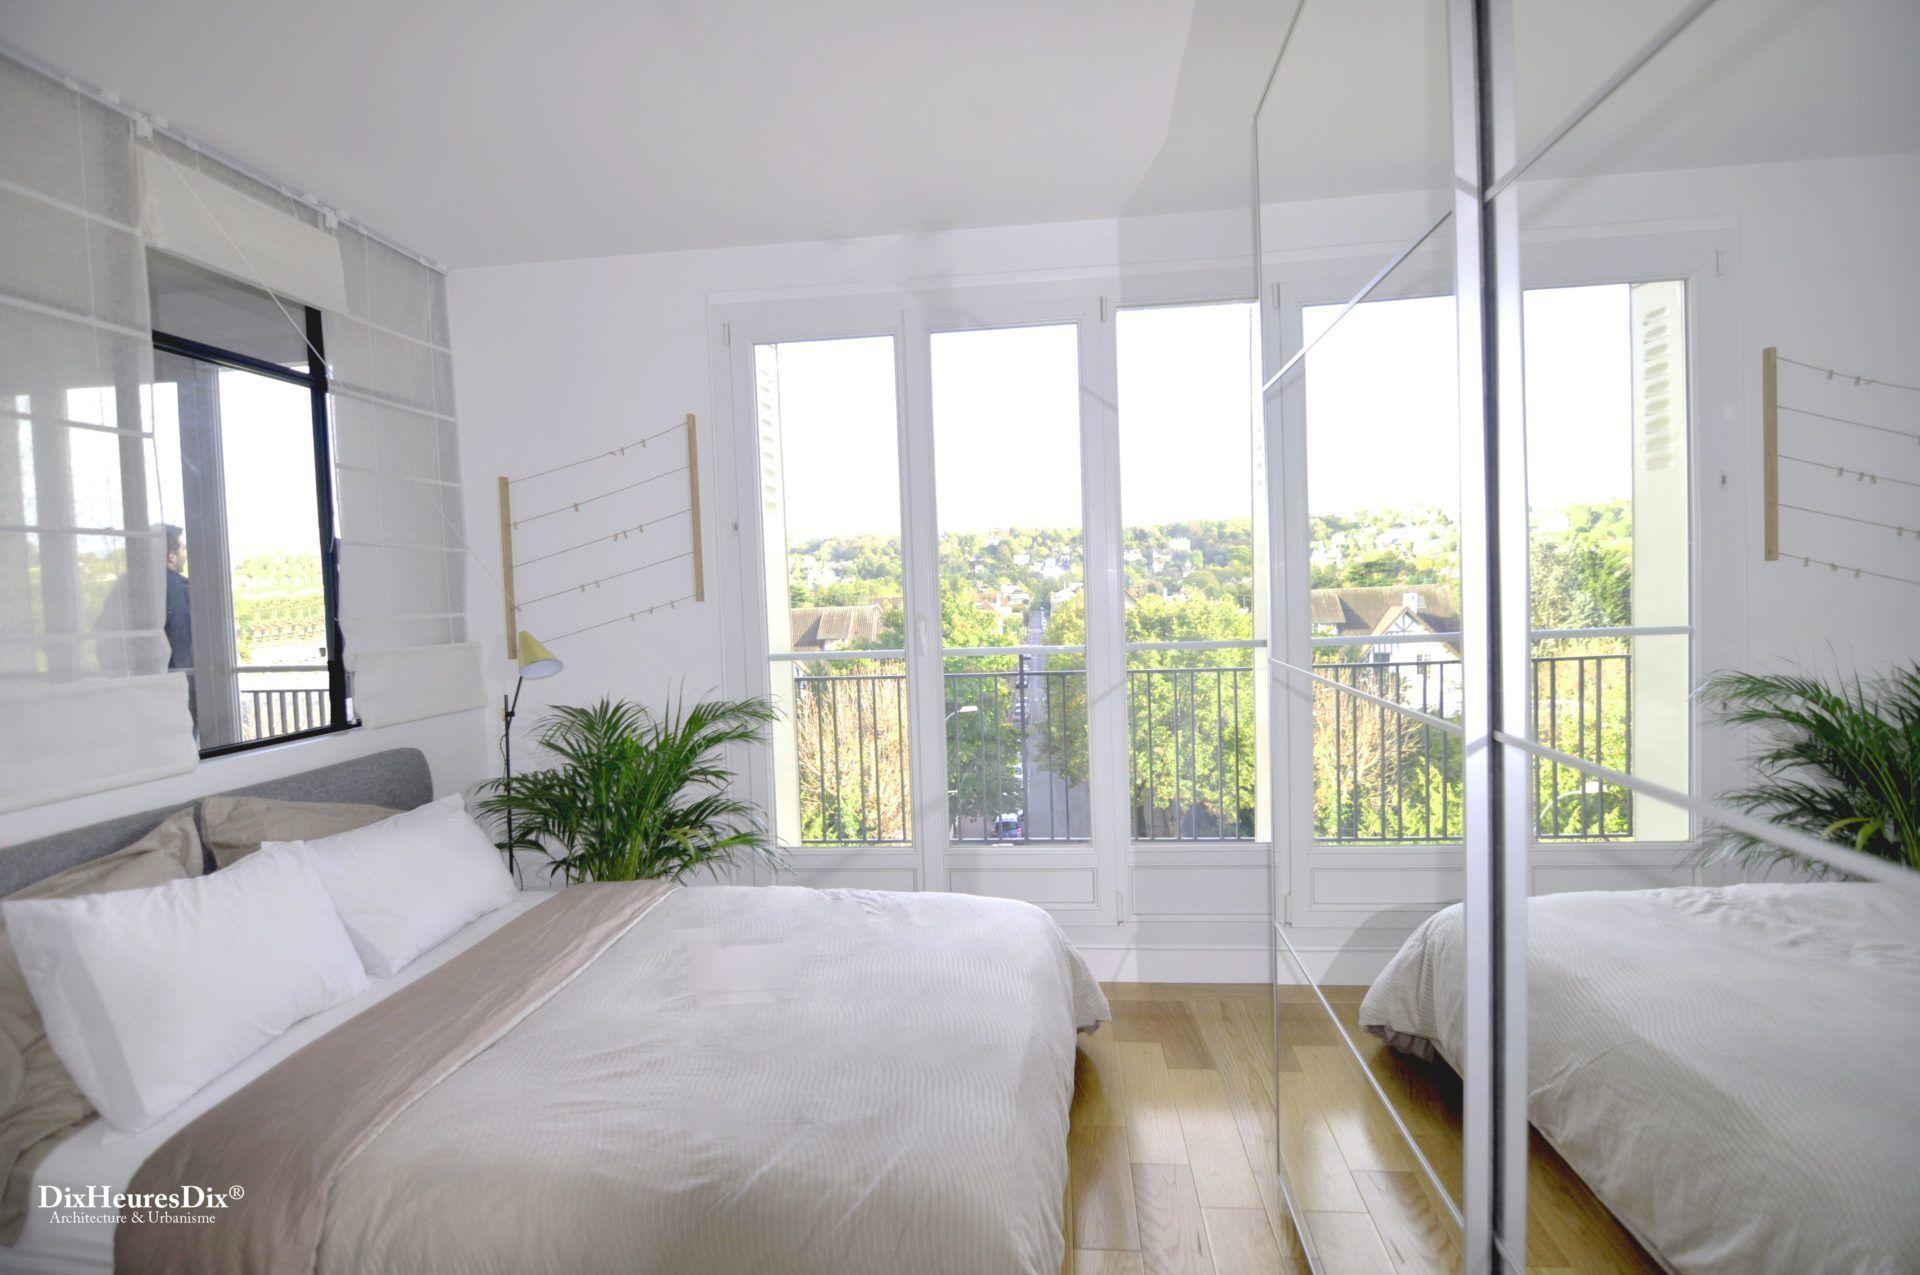 Chambre aménagée avec une grande bais vitrée donnant sur un balcon sans vis-à-vis.